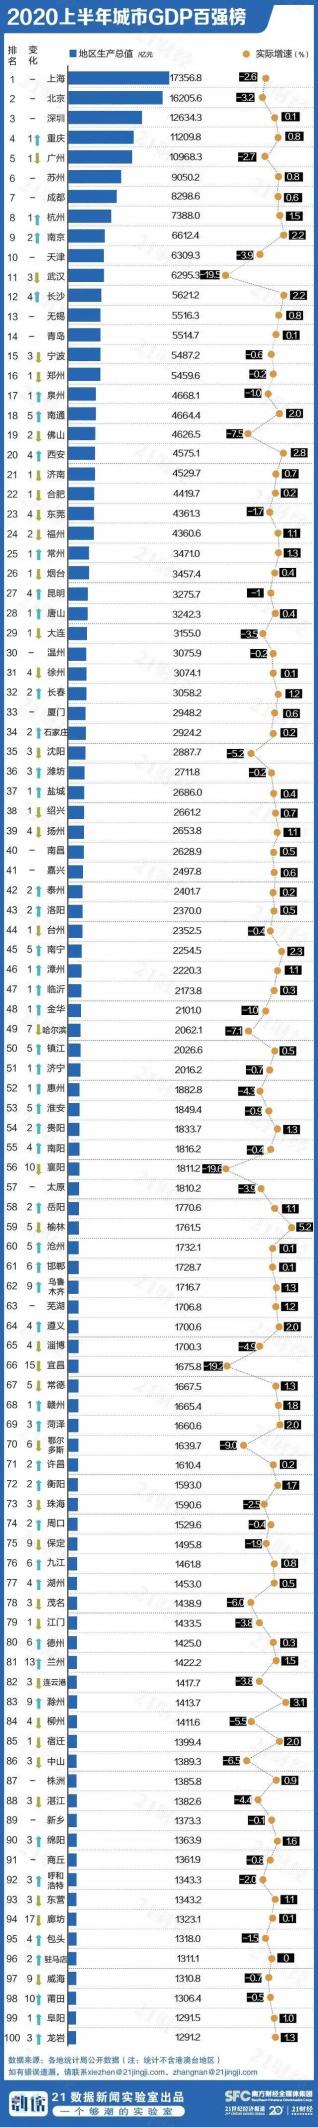 烟台gdp排名_山东烟台代管的百强县市,坐拥褐煤26亿吨,GDP产值高达1238亿